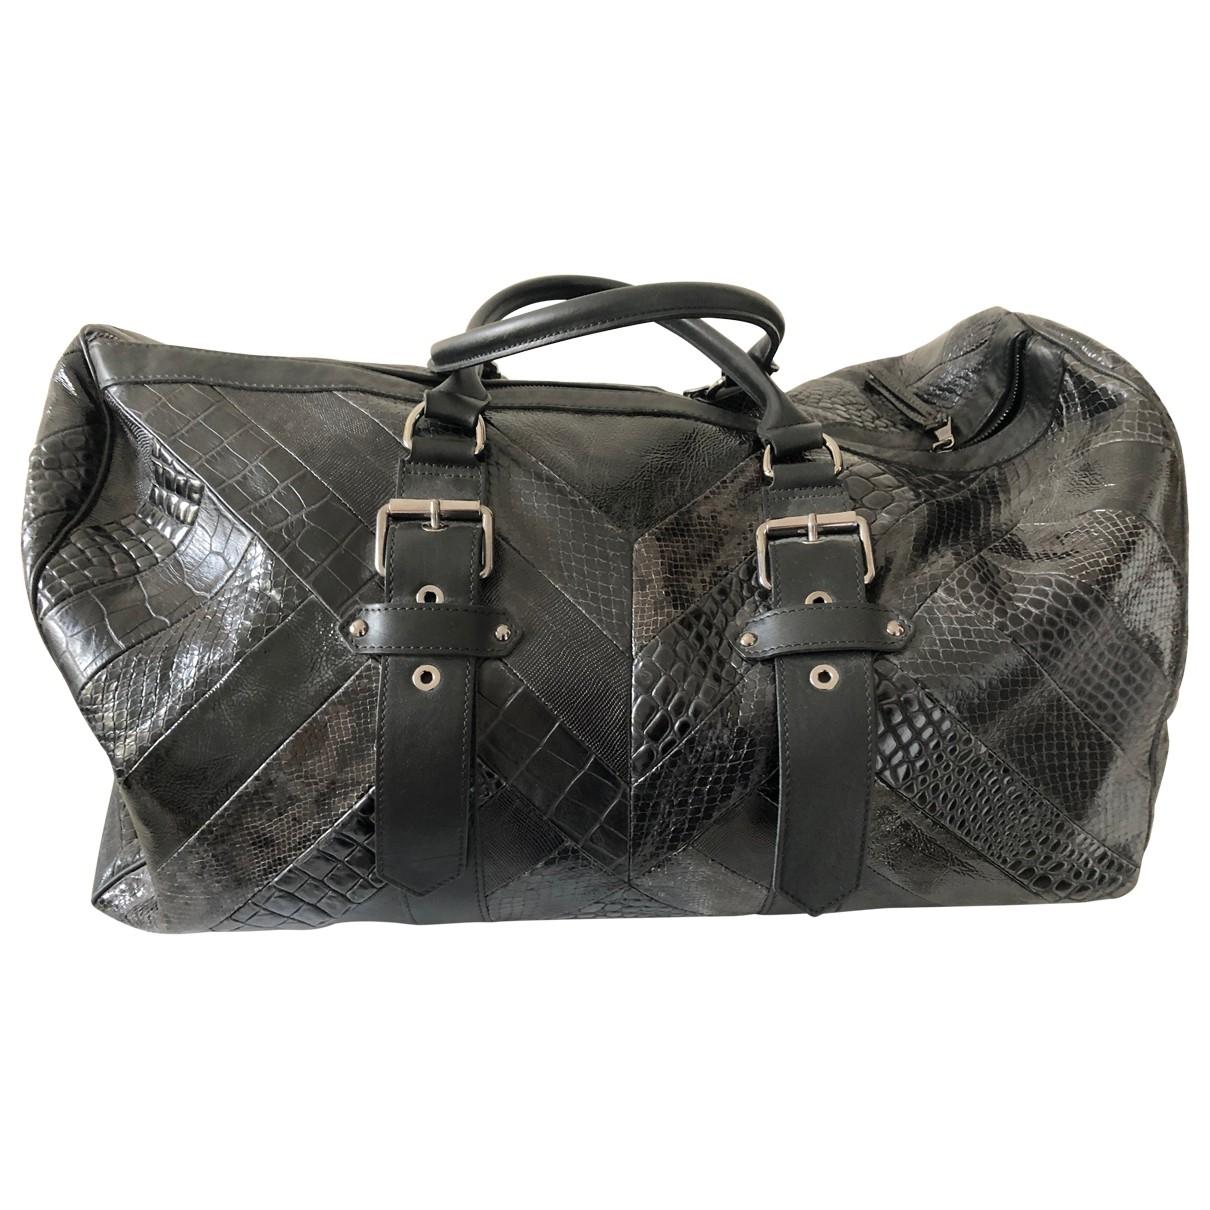 Longchamp - Sac de voyage Kate Moss pour femme en cuir - noir